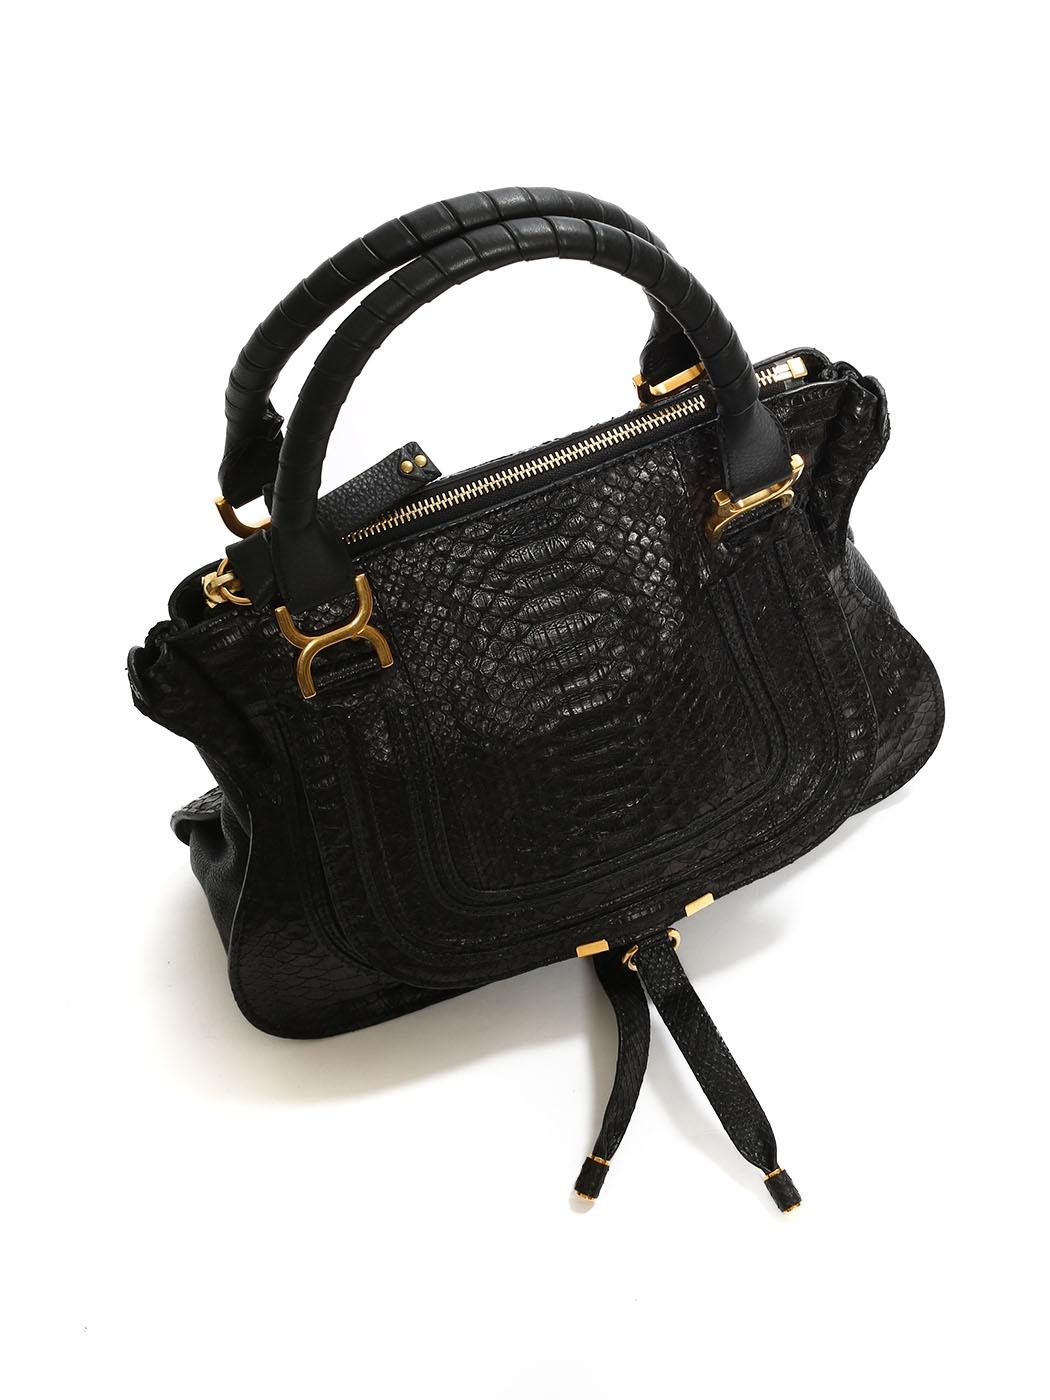 240a8c74cd Louise Paris - CHLOE Sac MARCIE medium en python noir Px boutique 2450€